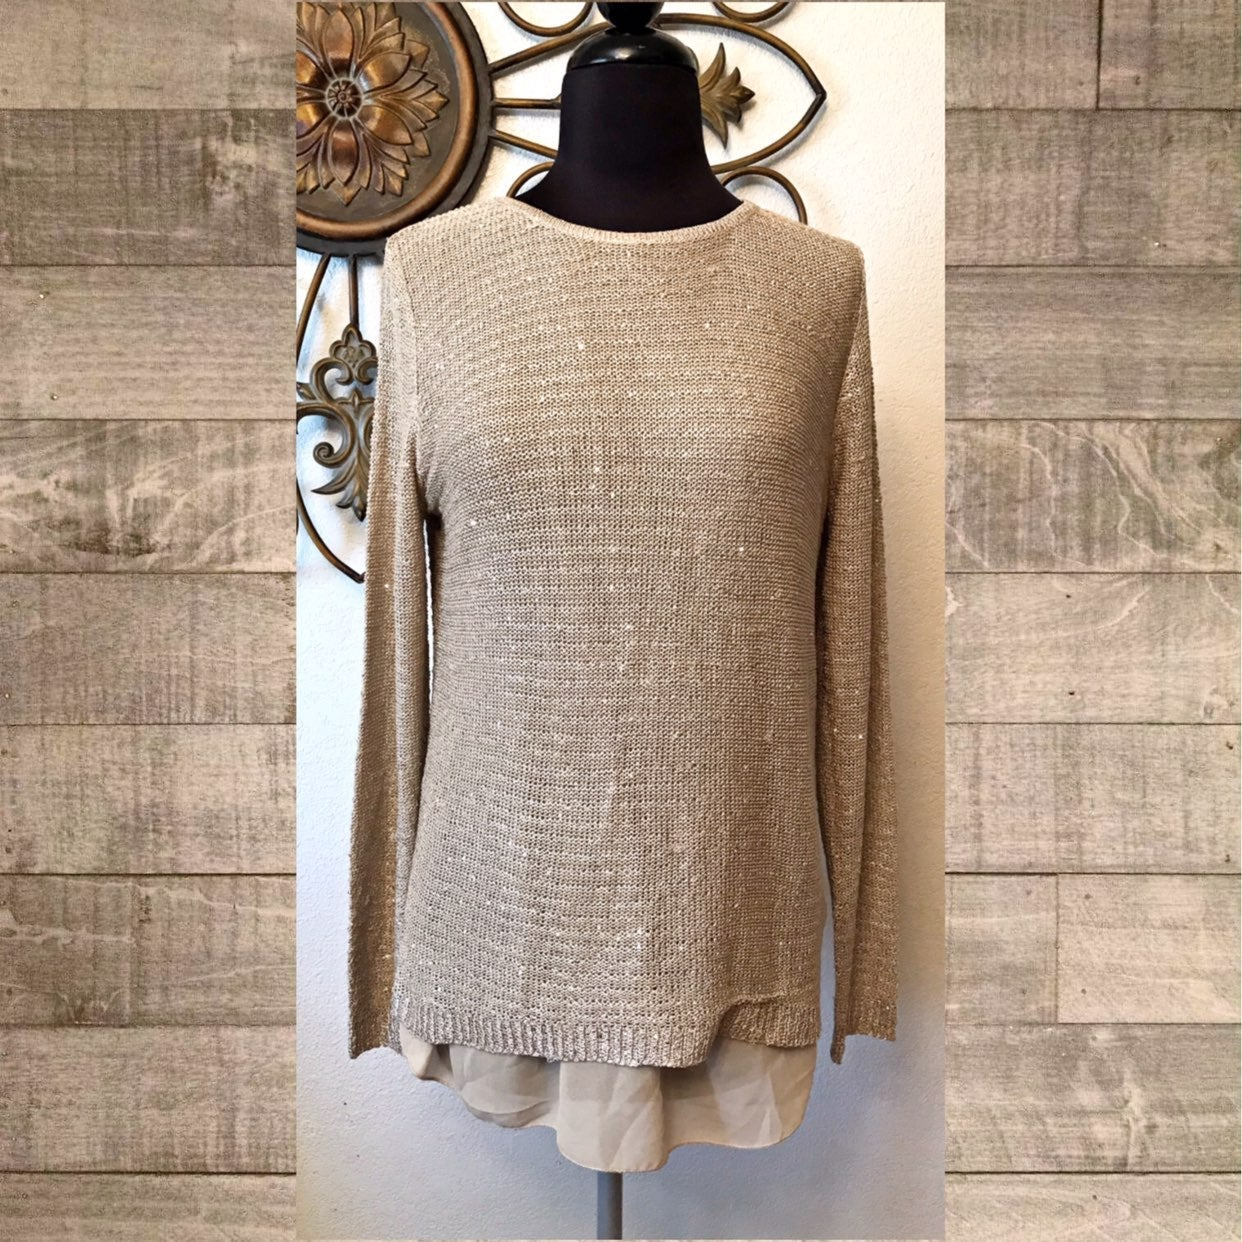 Sioni Zipper Sweater Small